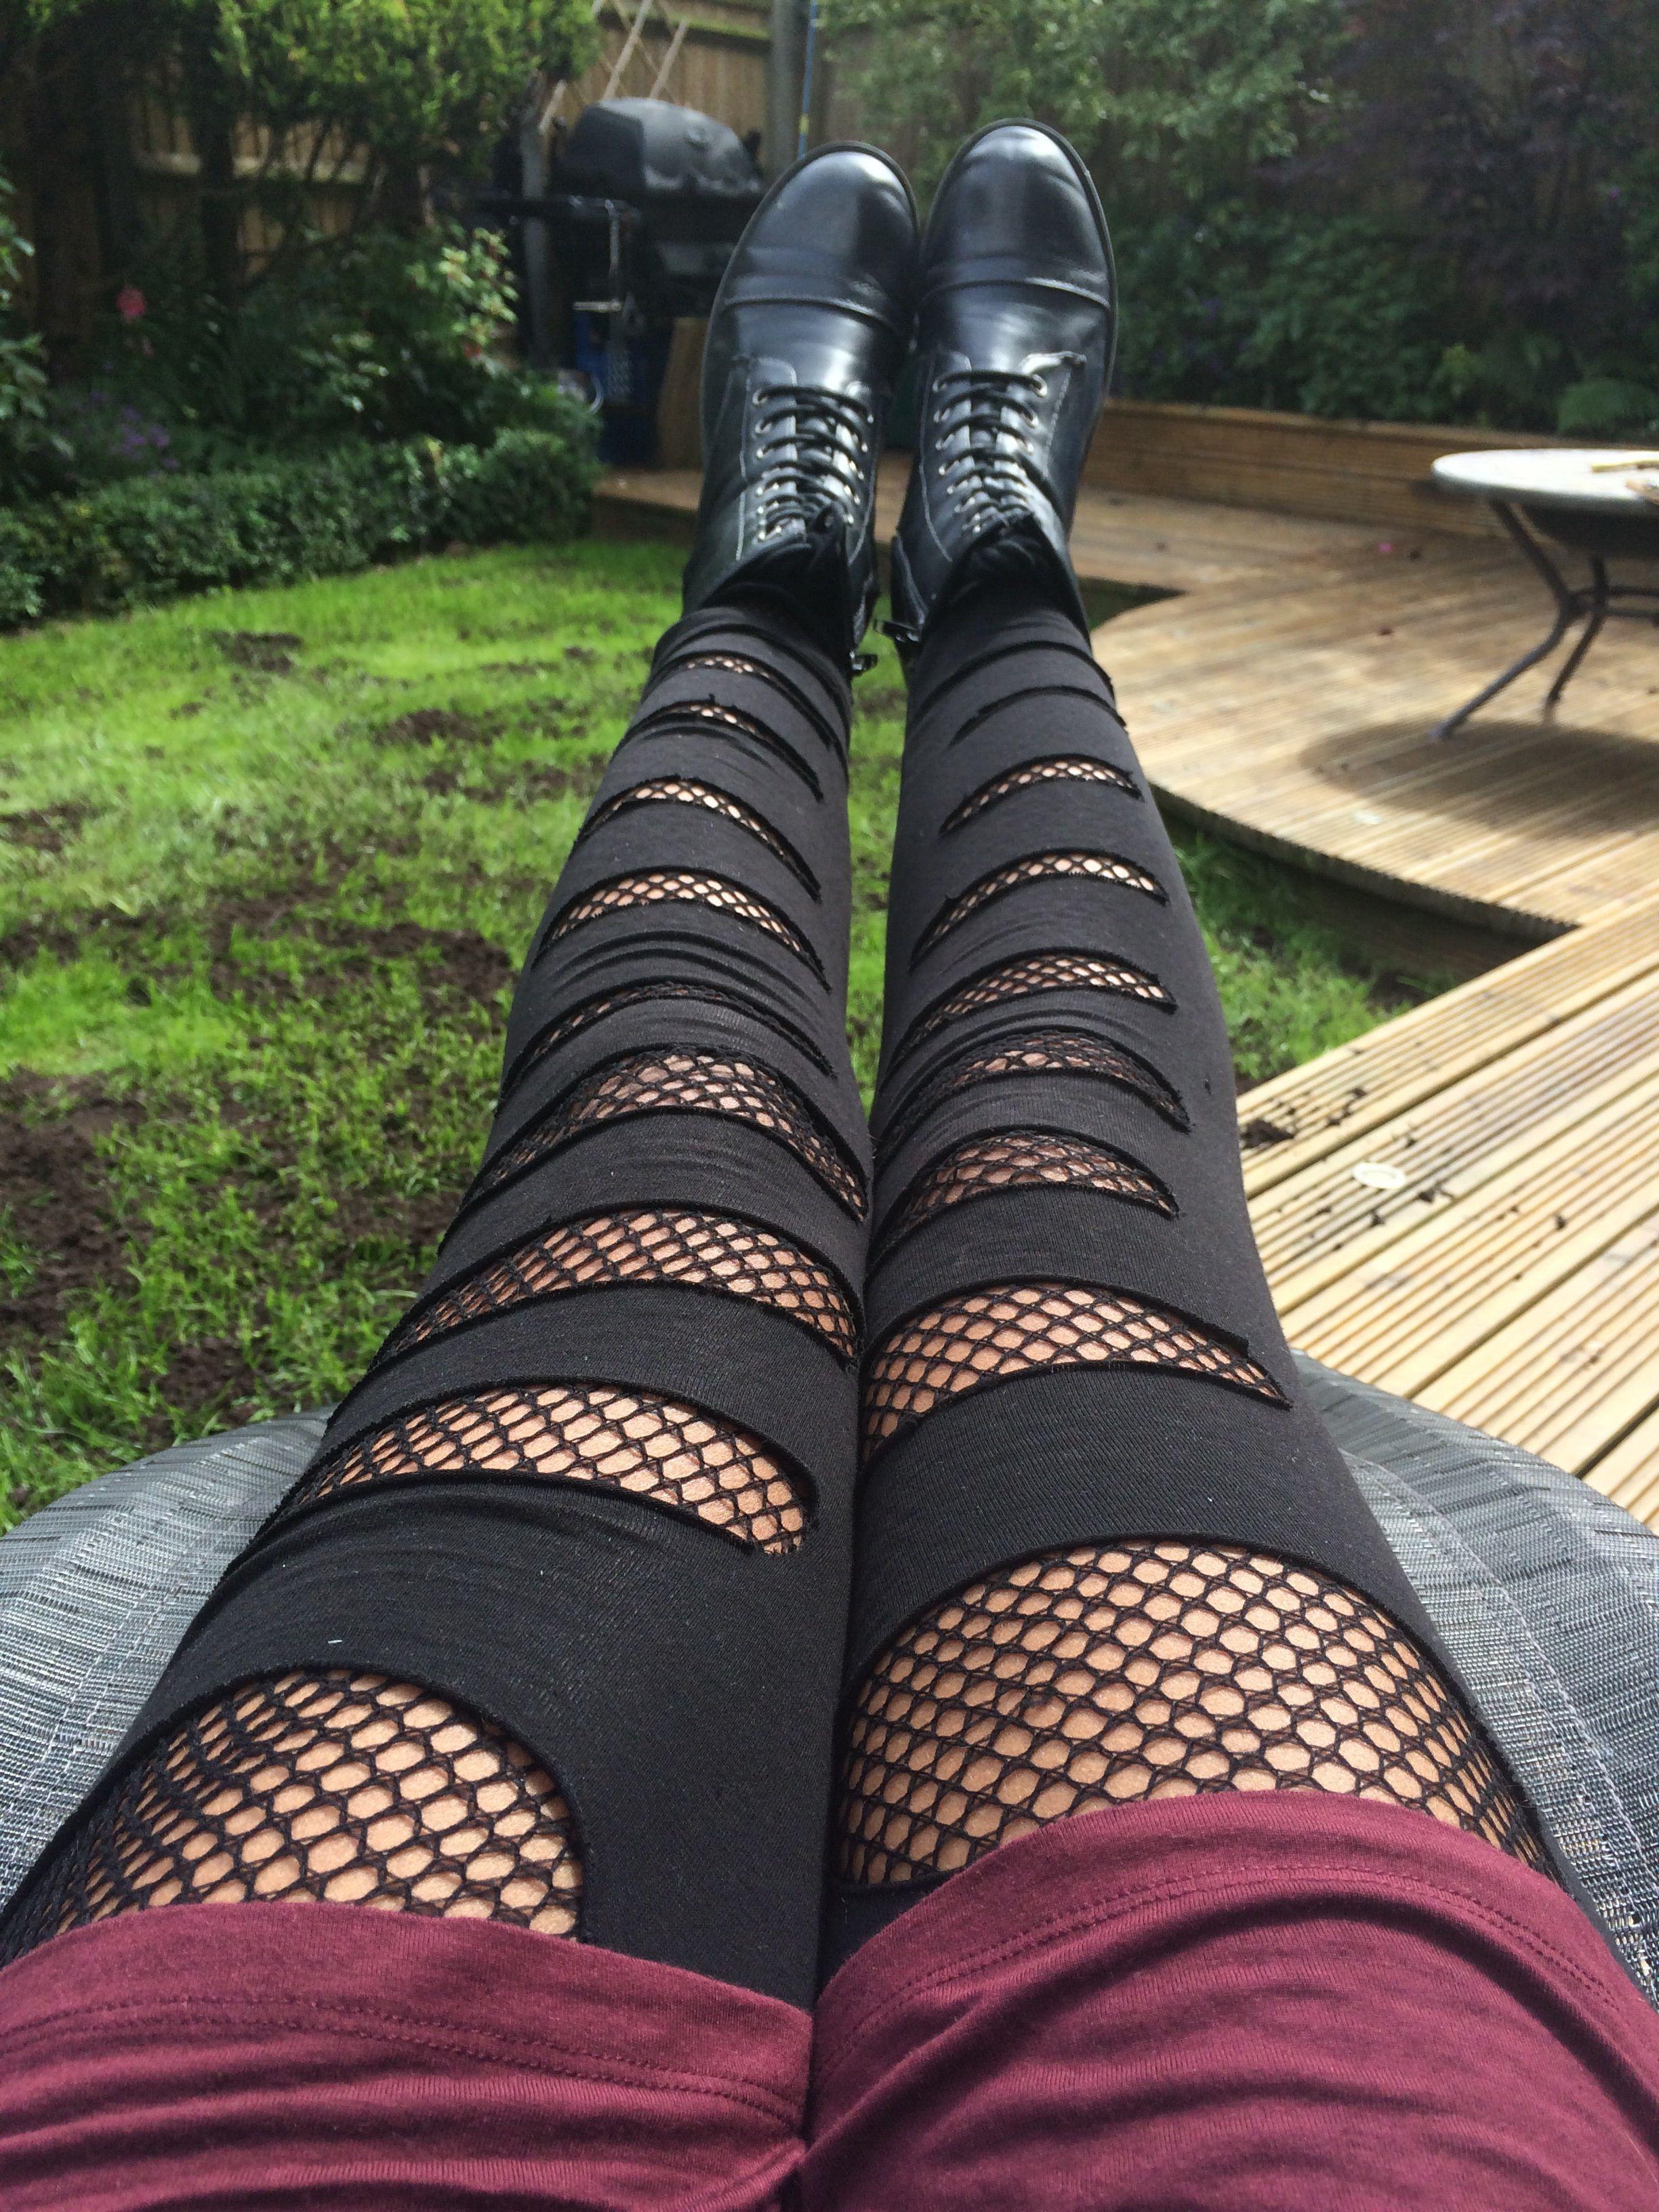 039274a8234a8 DIY Fishnet tights, underneath ripped black leggings Punk / rocker / emo /  grunge / Goth By Yogo Mogo on Pinterest